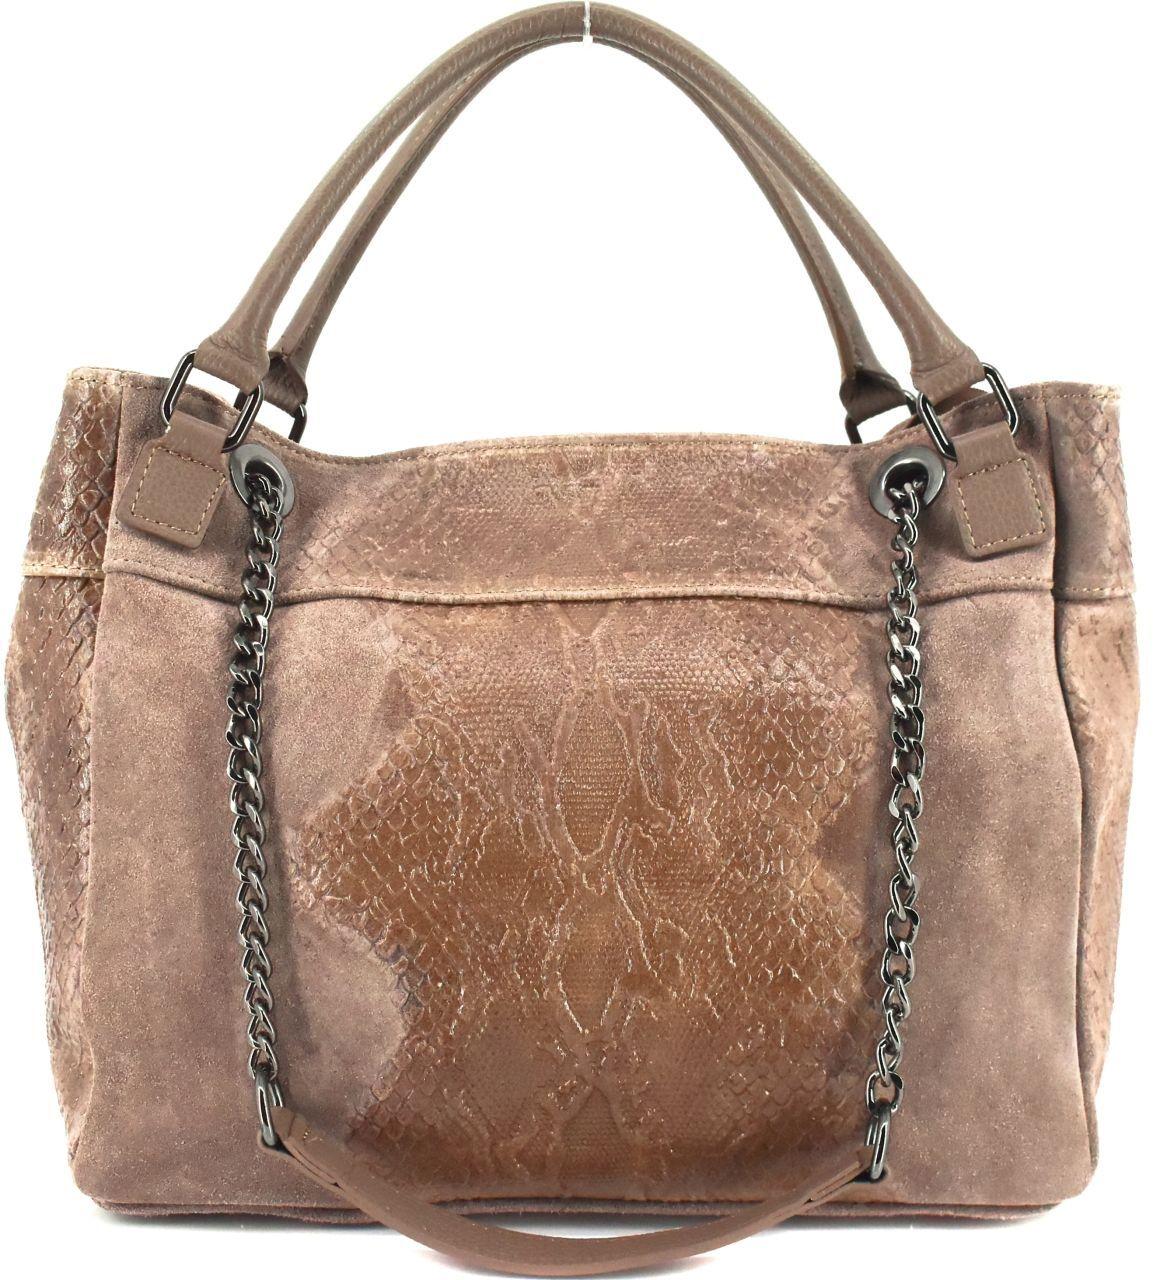 Moderní dámská kožená kabelka Arteddy s hadím vzorem - béžová 31032